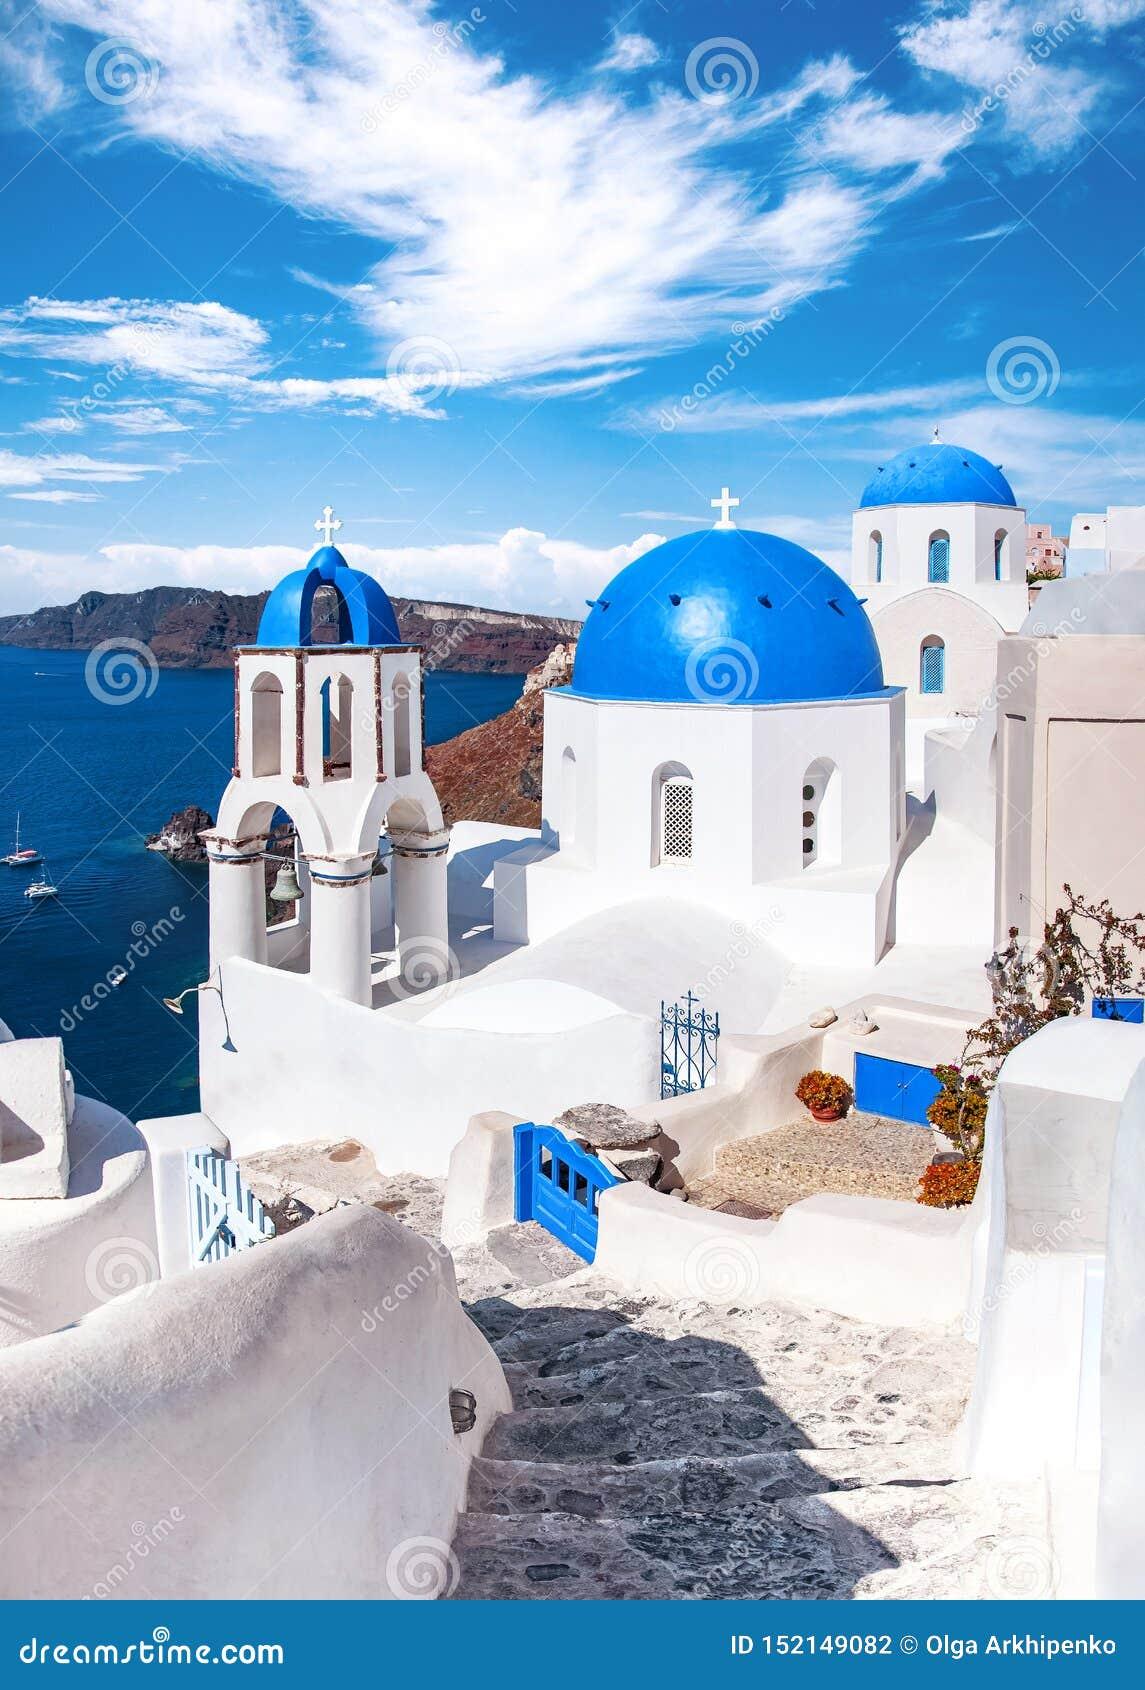 Traditionele en beroemde huizen en kerken met blauwe koepels over de Caldera, Oia, Santorini, het eiland van Griekenland, Egeïsch